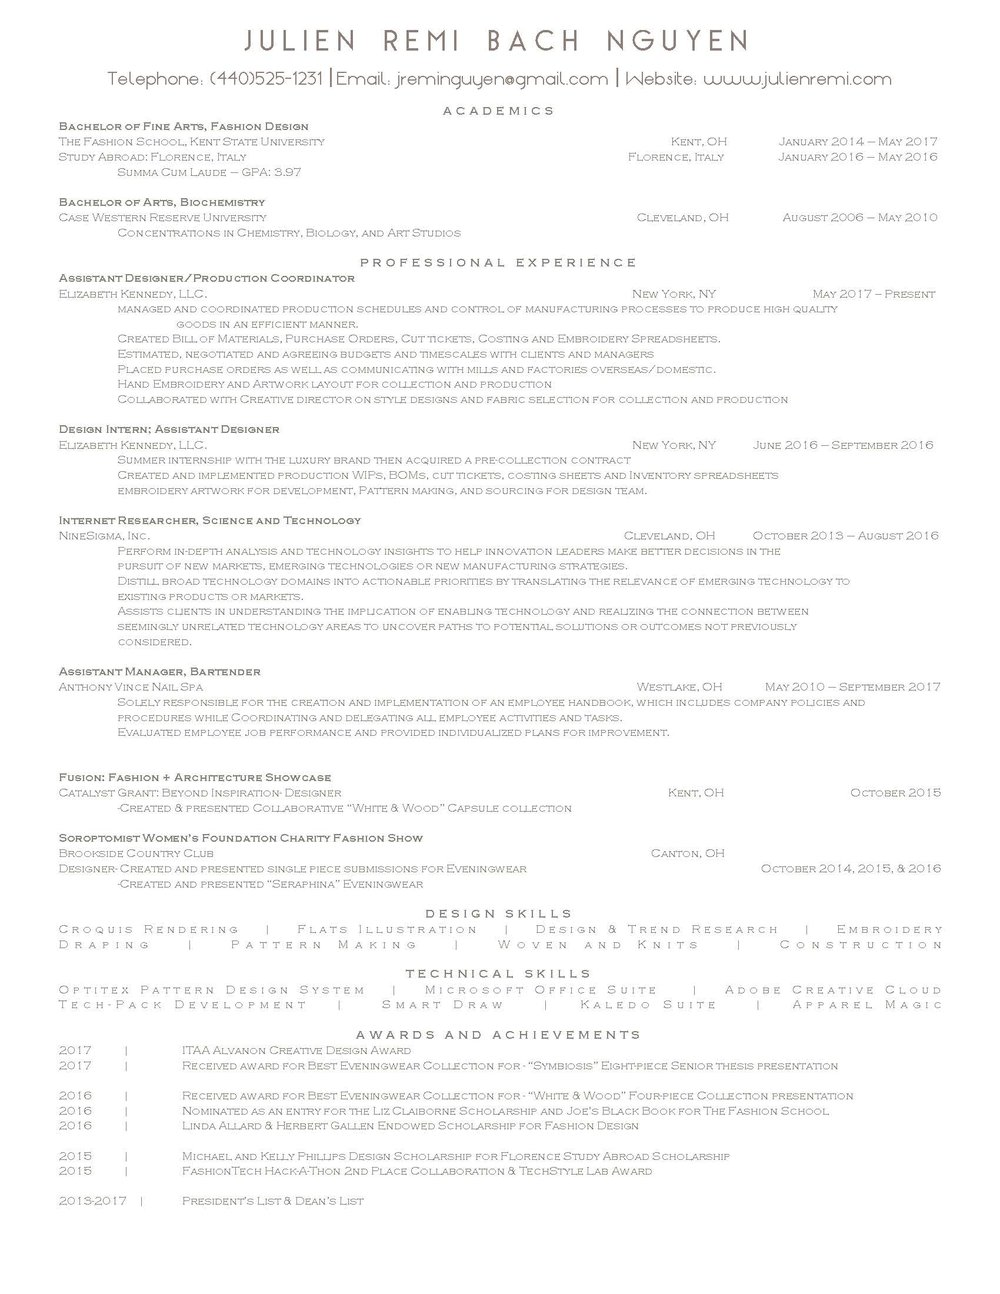 Nguyen_JulienRemi Resume 2018FD.jpg